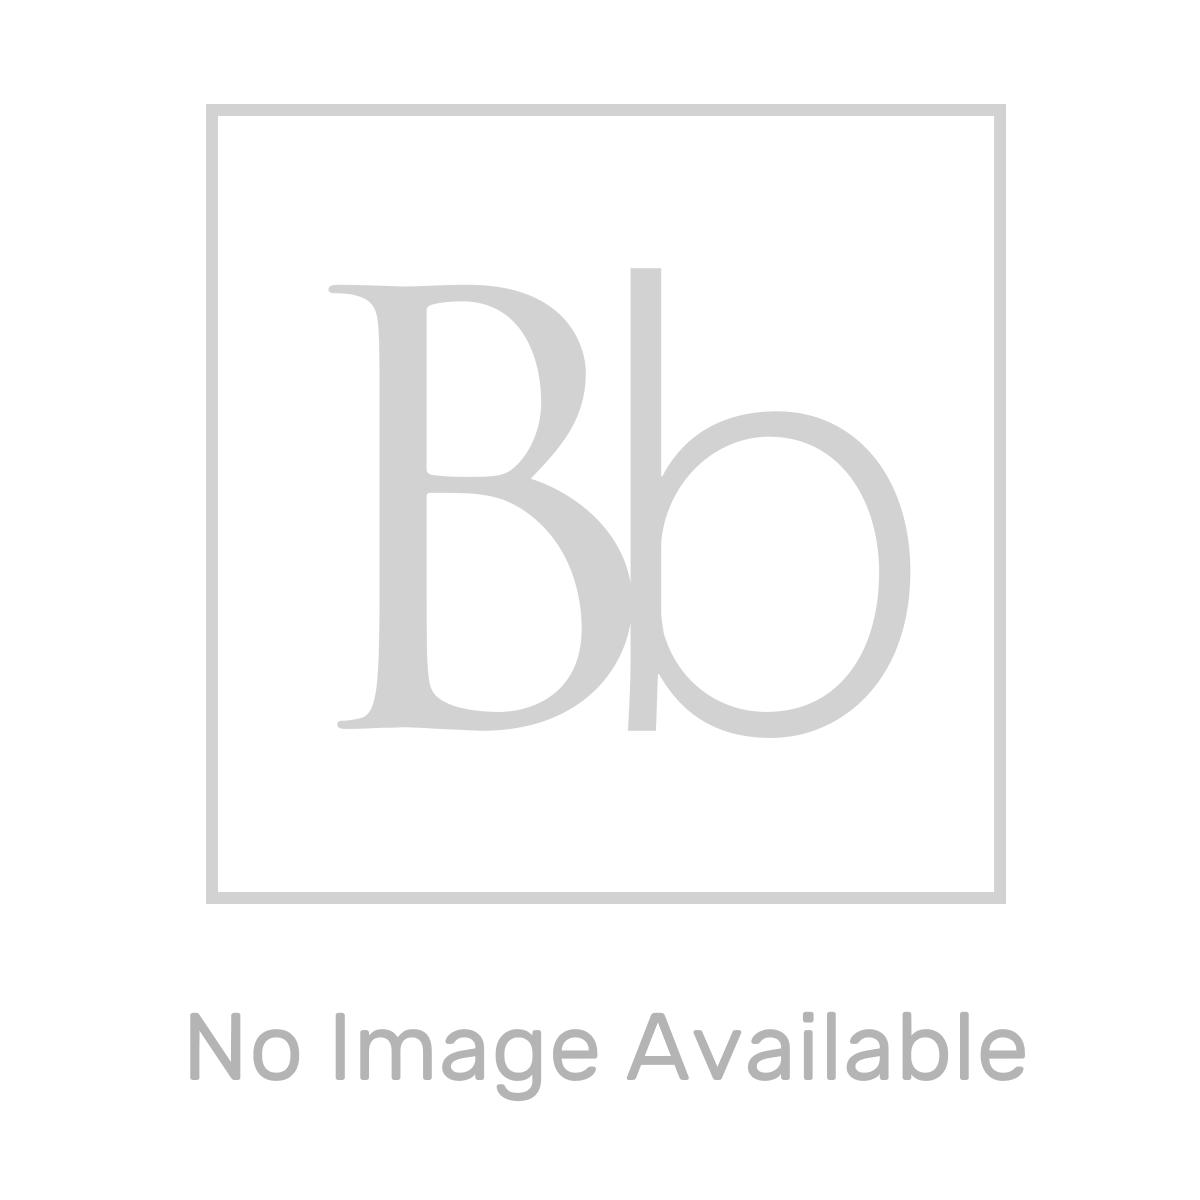 RAK Surface Matt Greige Tile 300 x 600mm